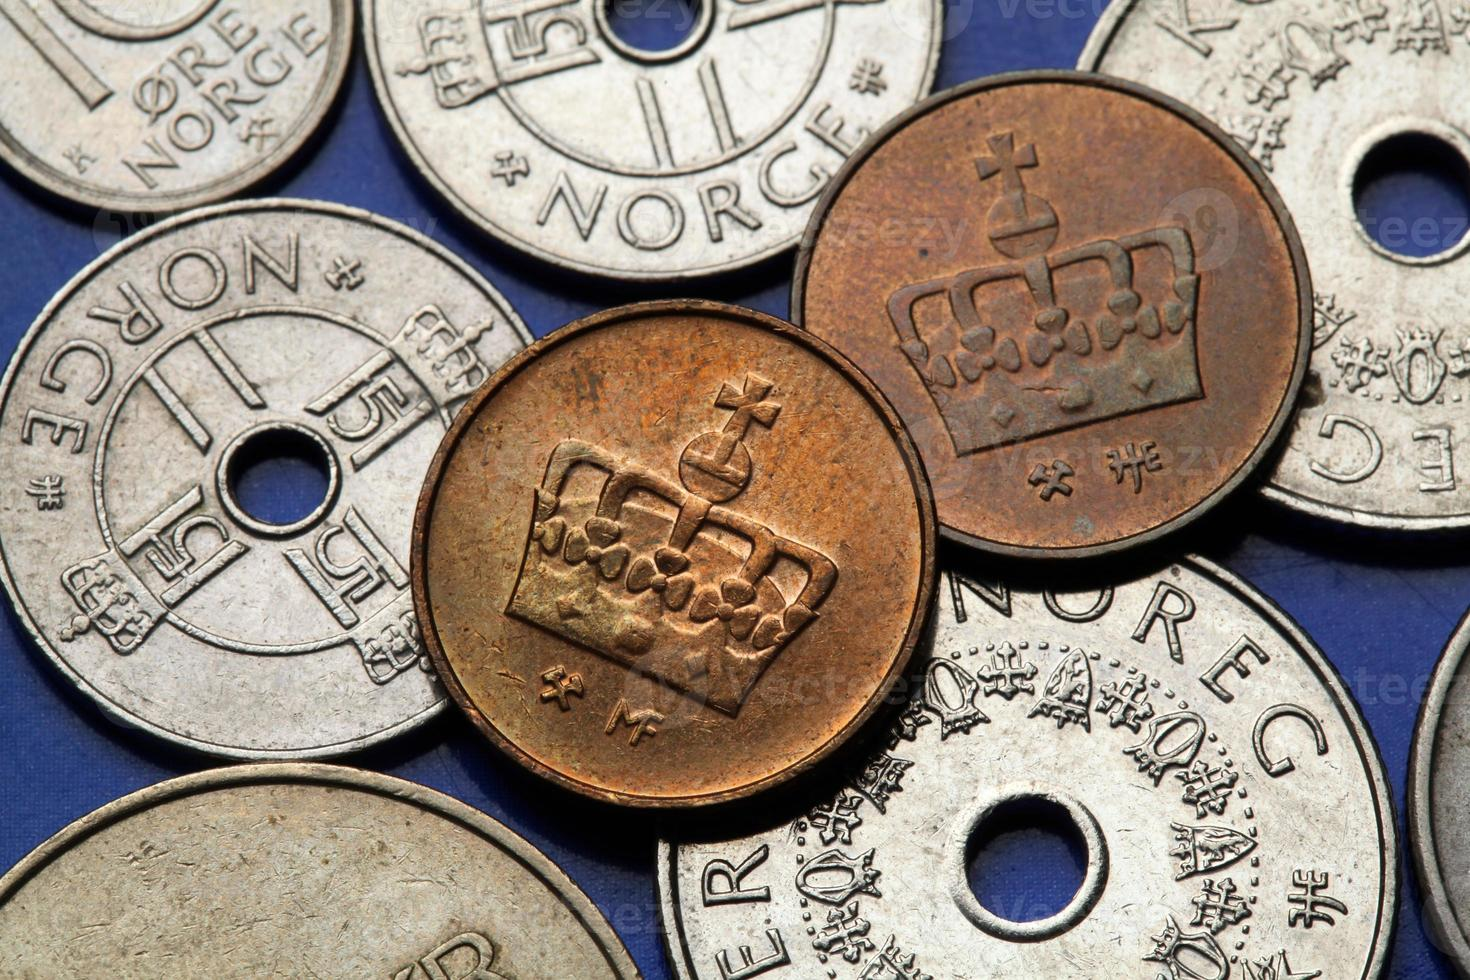 munten van Noorwegen foto